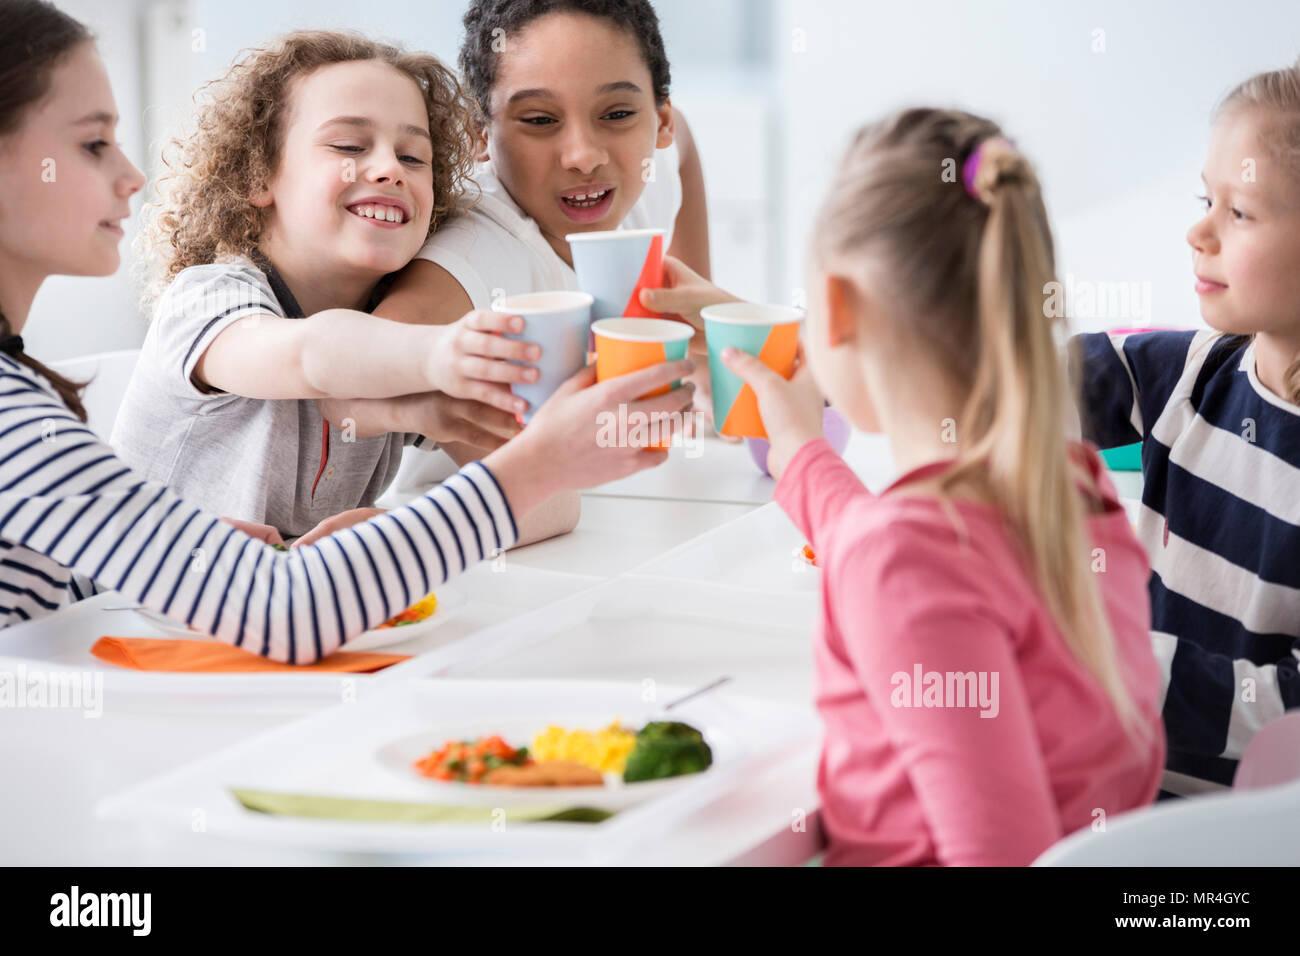 Groupe multiculturel d'enfants toasting lors d'anniversaire à la maison Photo Stock